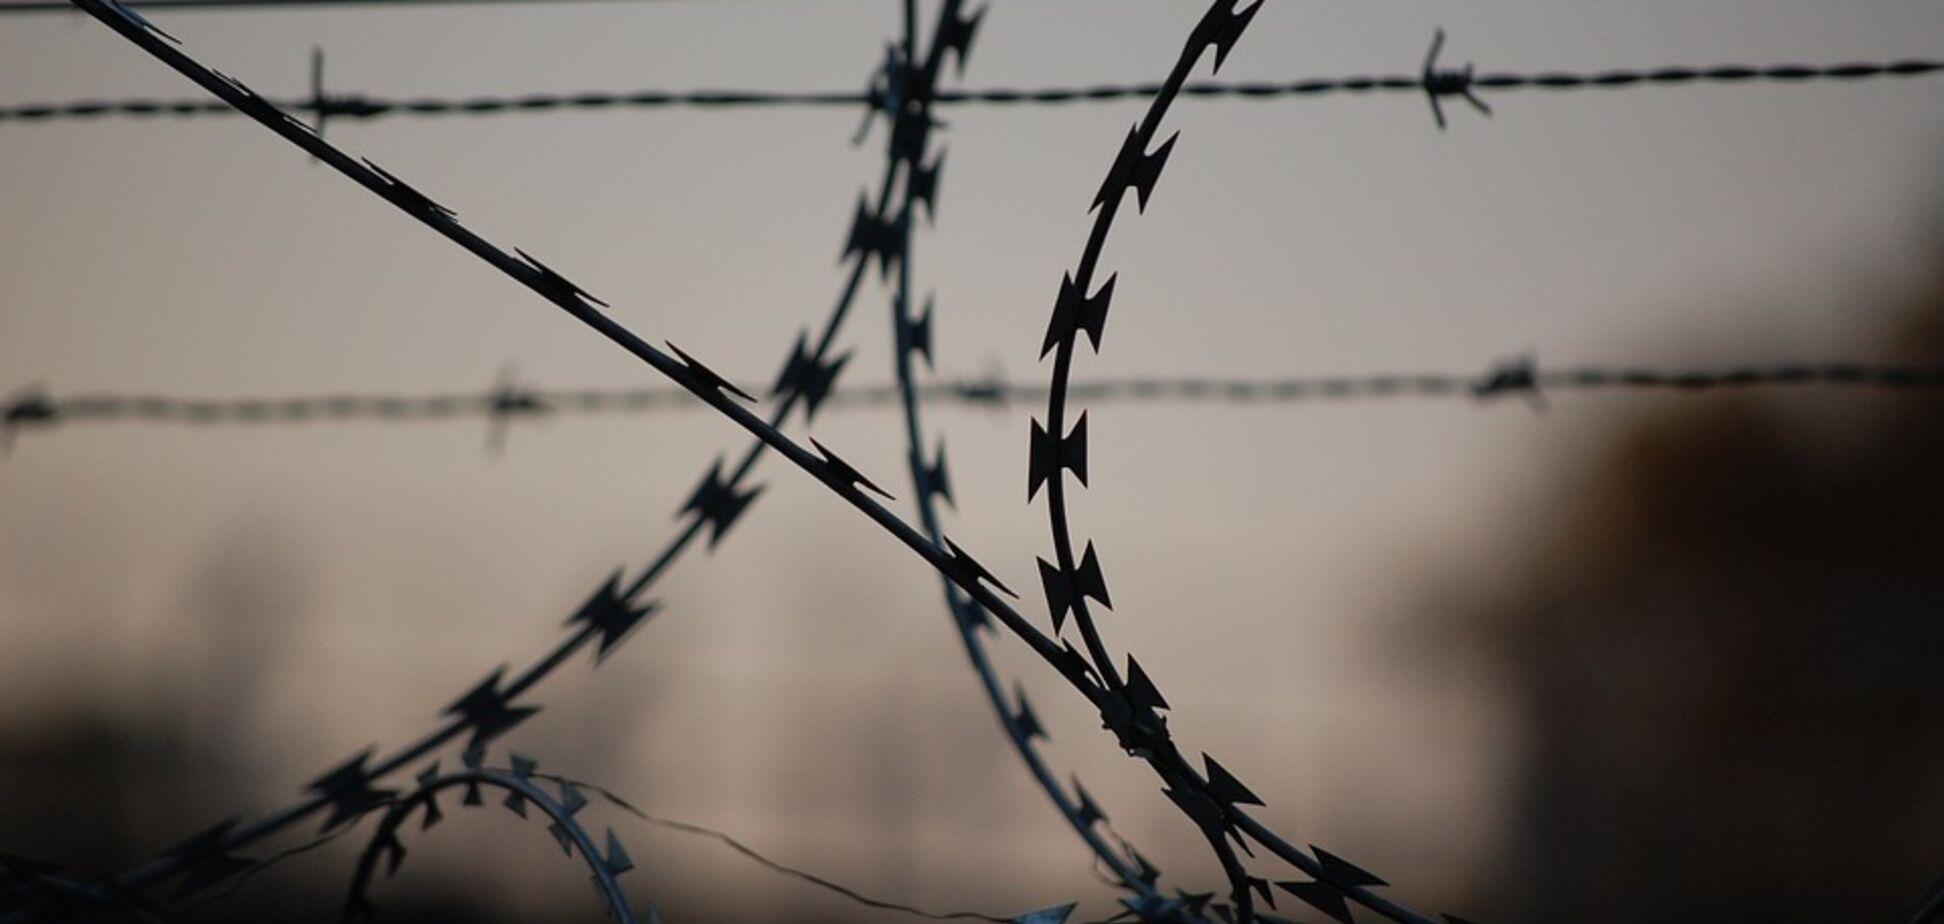 У Самарі зеки влаштували масову бійку у в'язниці: десятки постраждалих